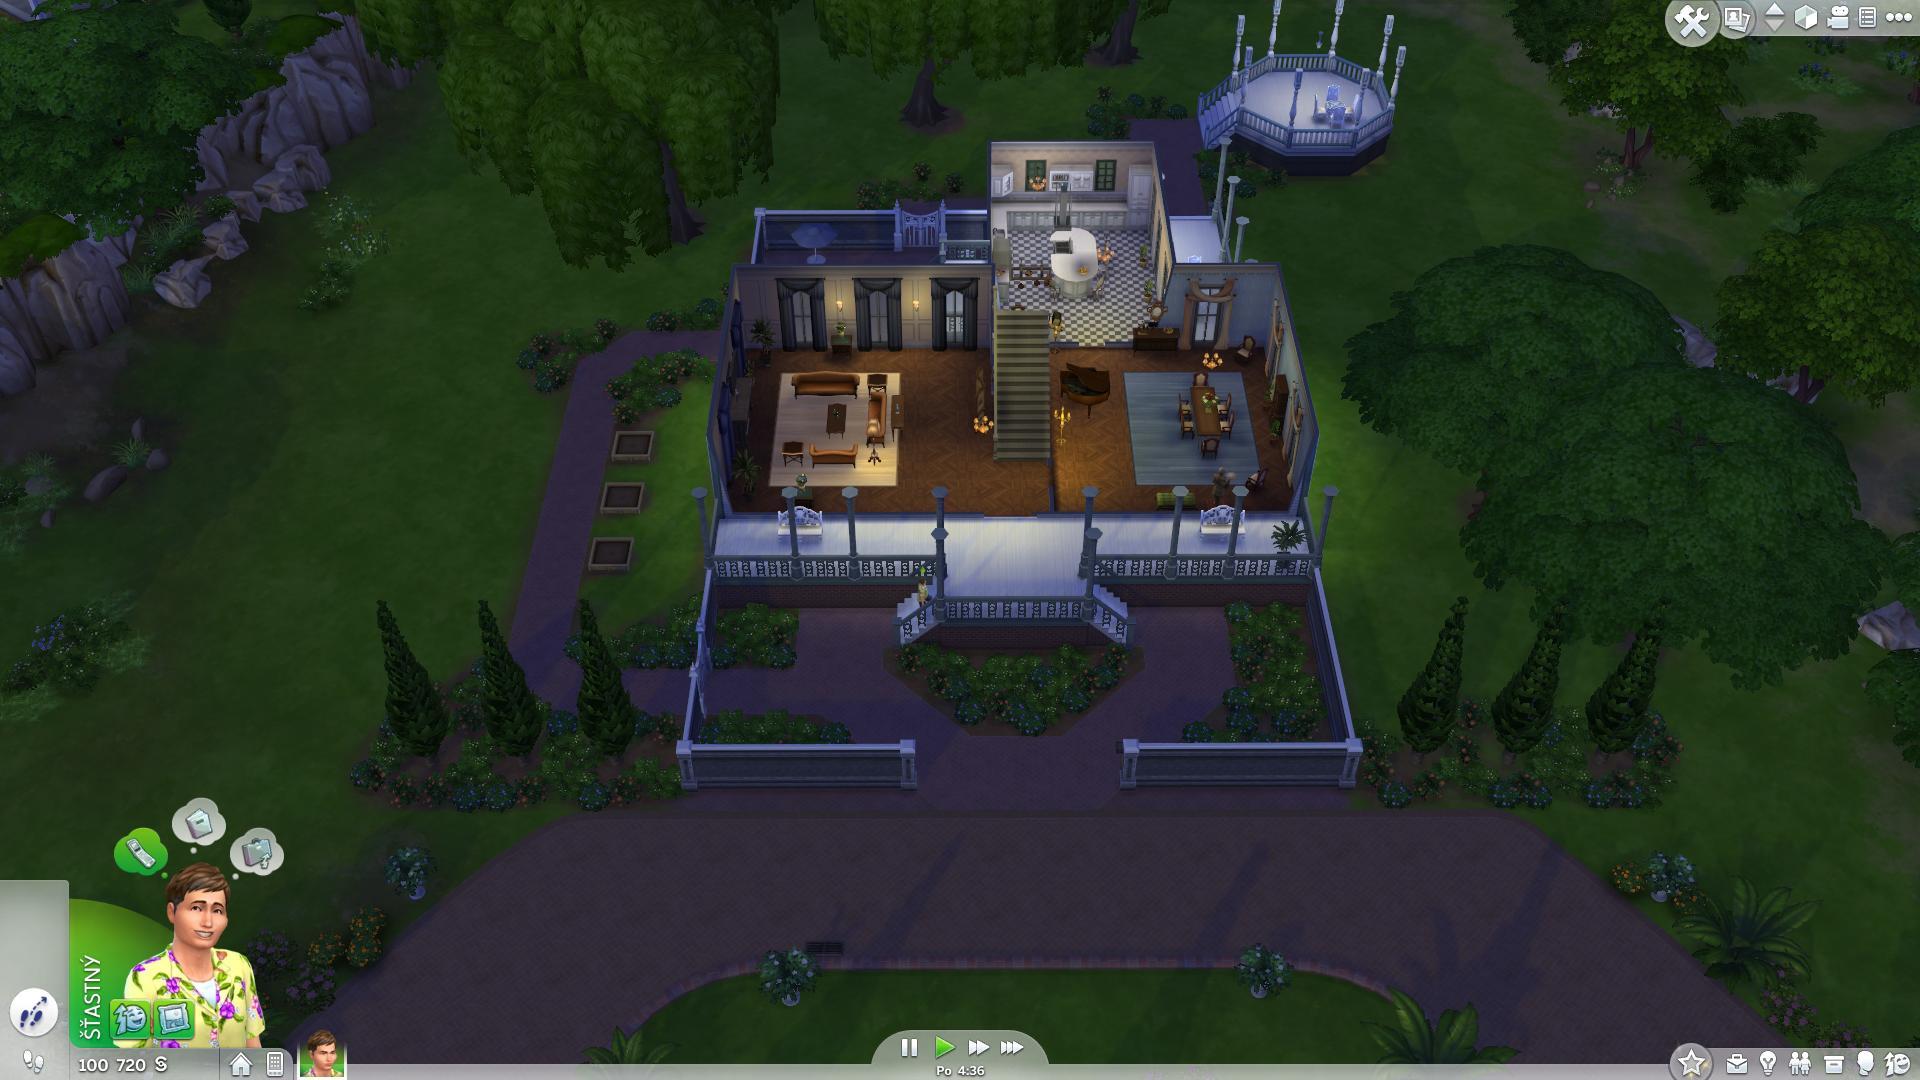 Recenze The Sims 4 - Ve stínu loadingu 9447